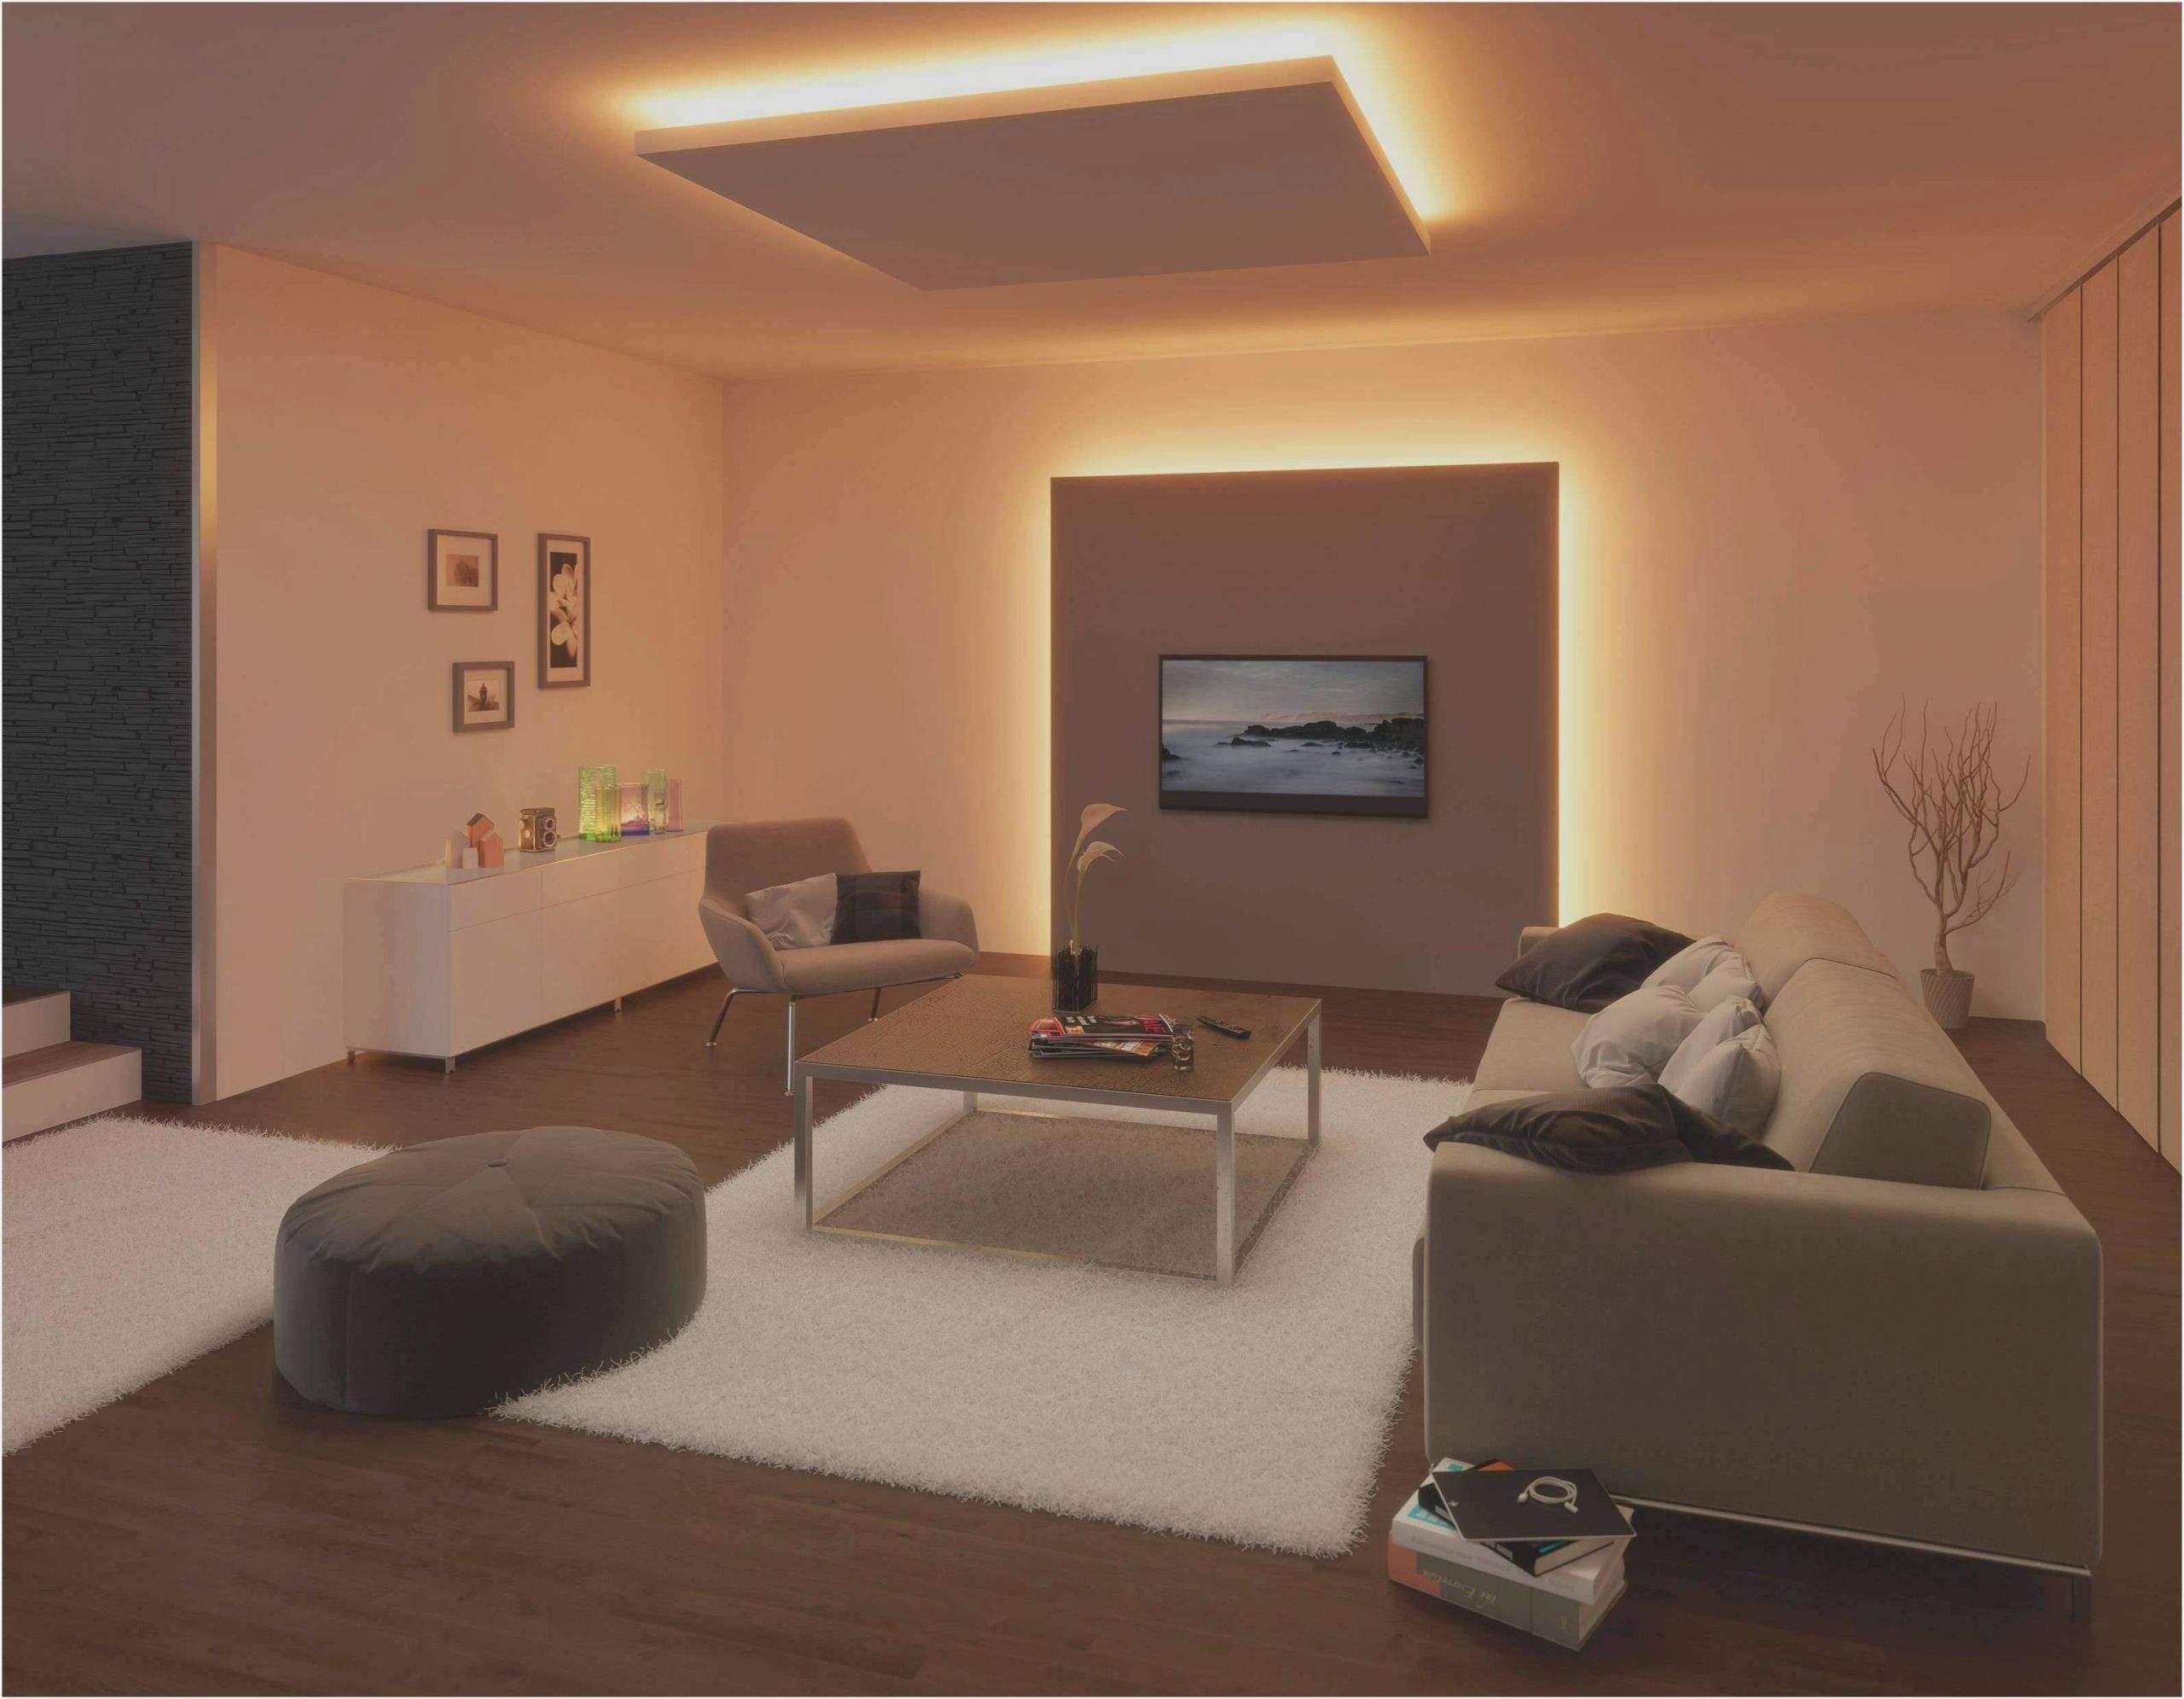 wohnzimmer beleuchtung bilder scaled